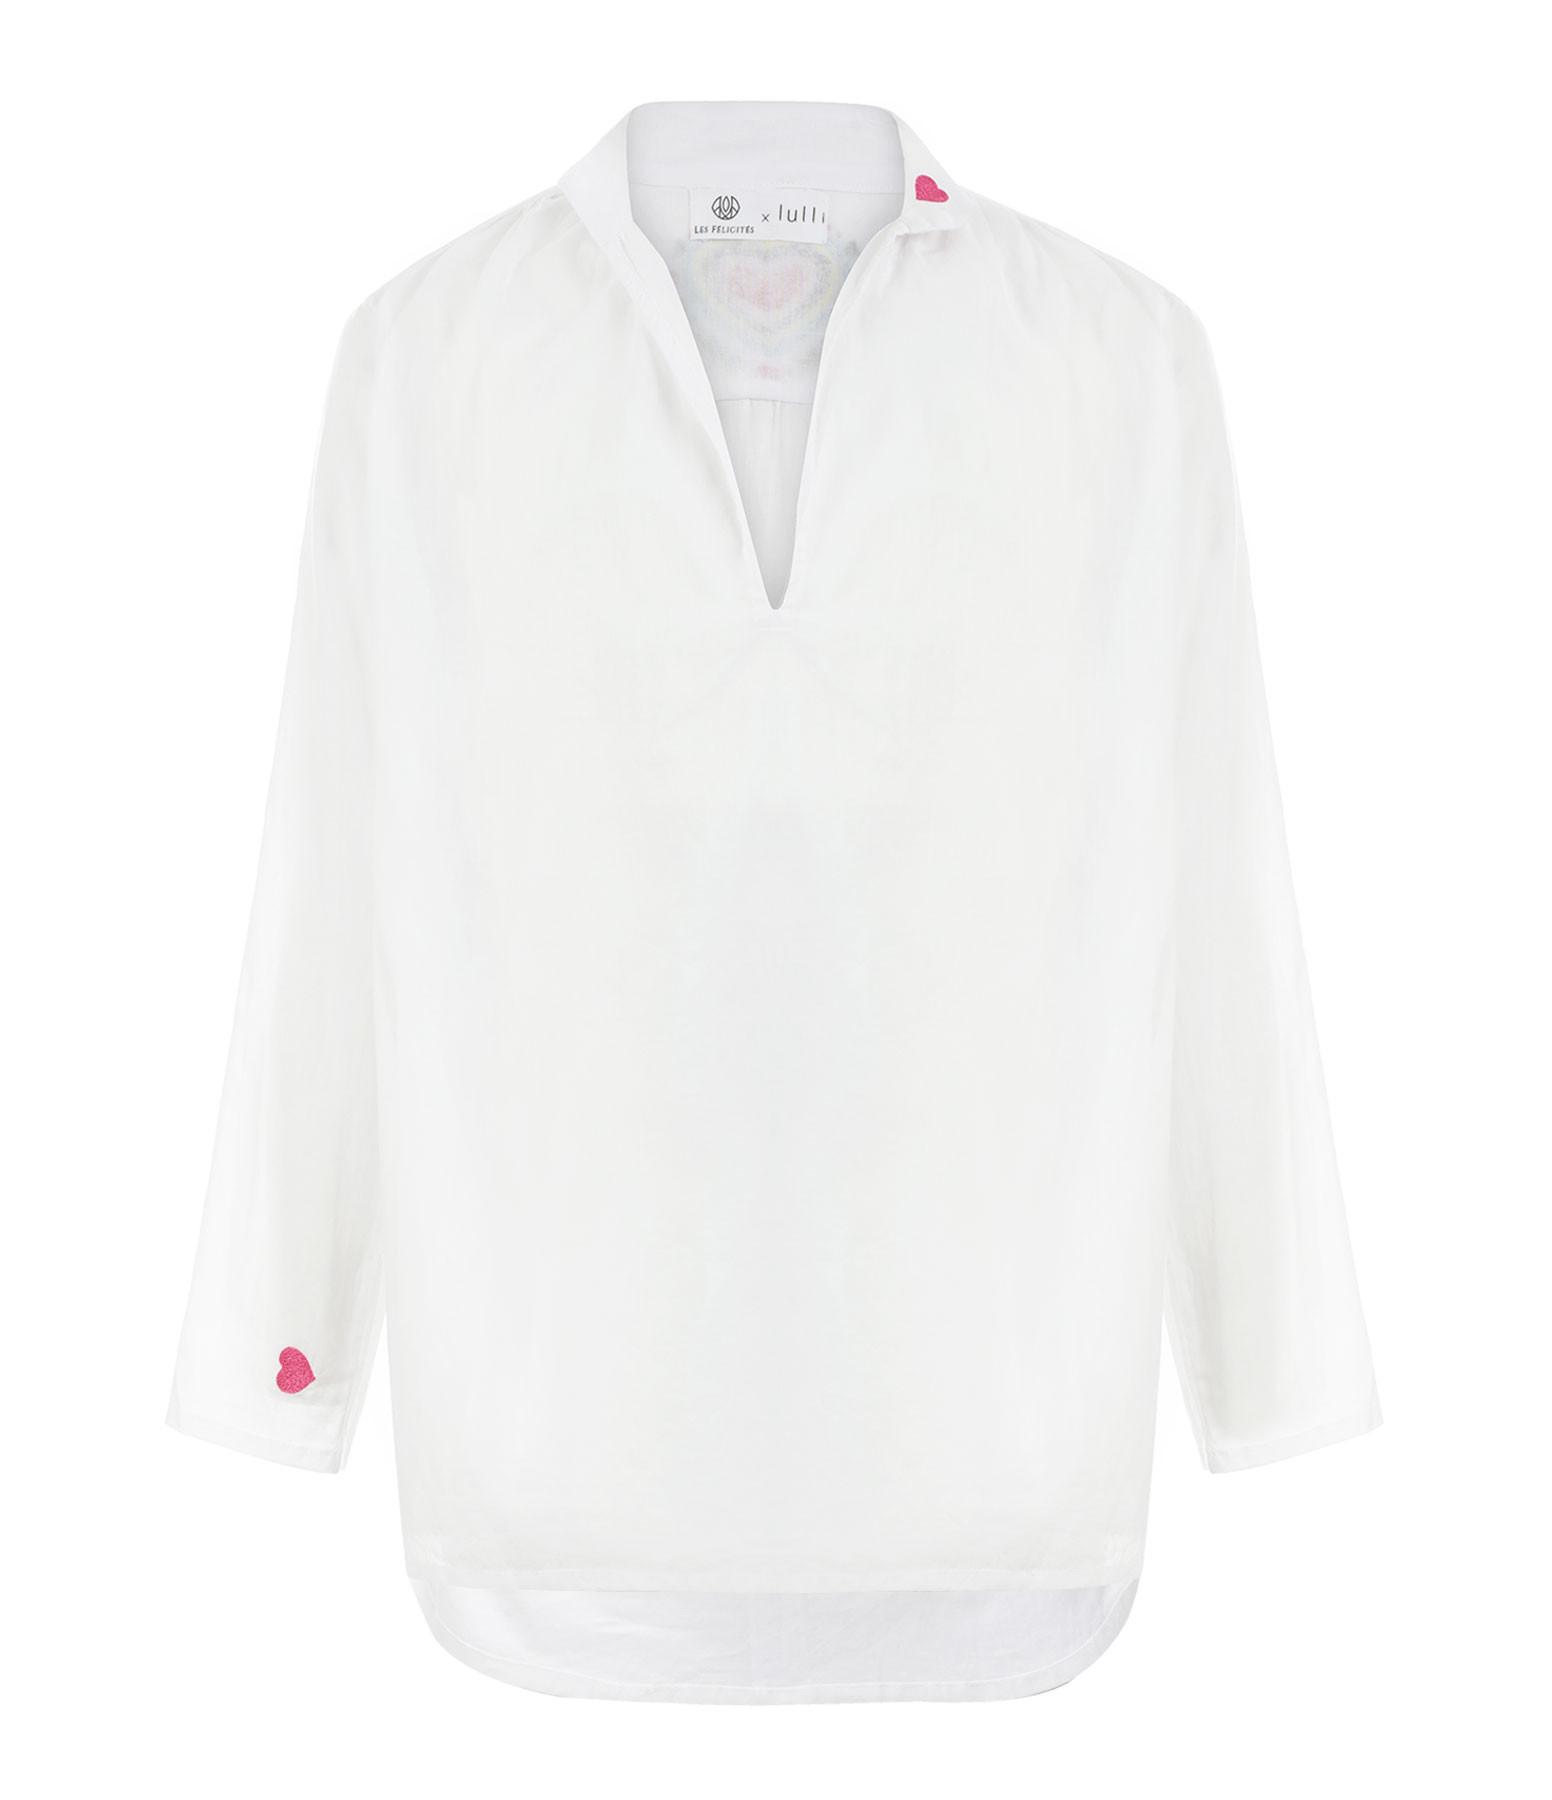 LES FÉLICITÉS - Blouse Coeur Sacré Coton Blanc, Collab' Lulli